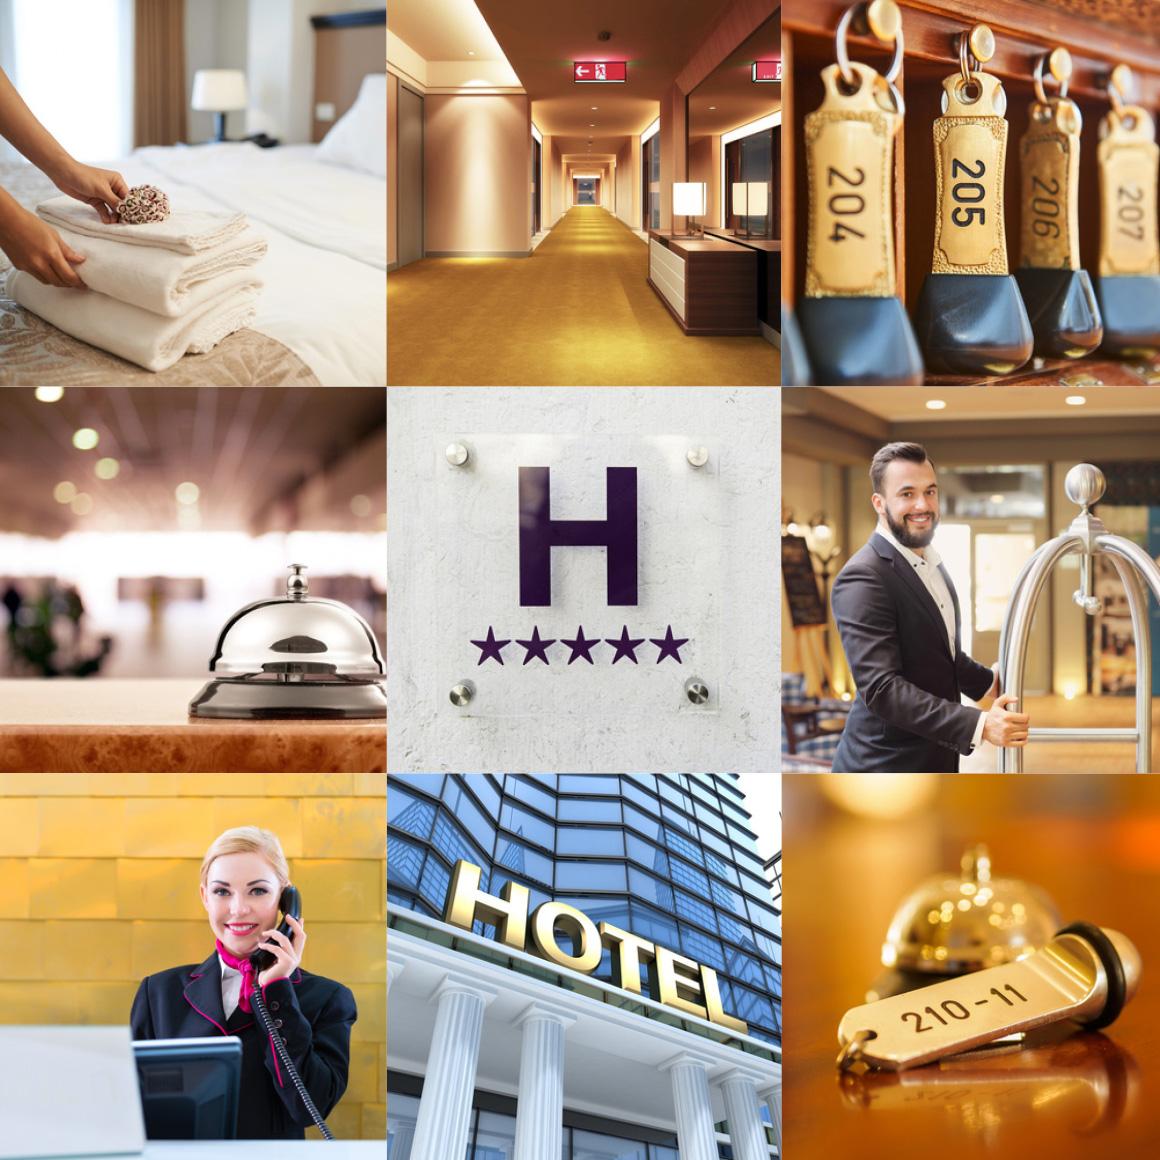 hotel-1160x1160px-a